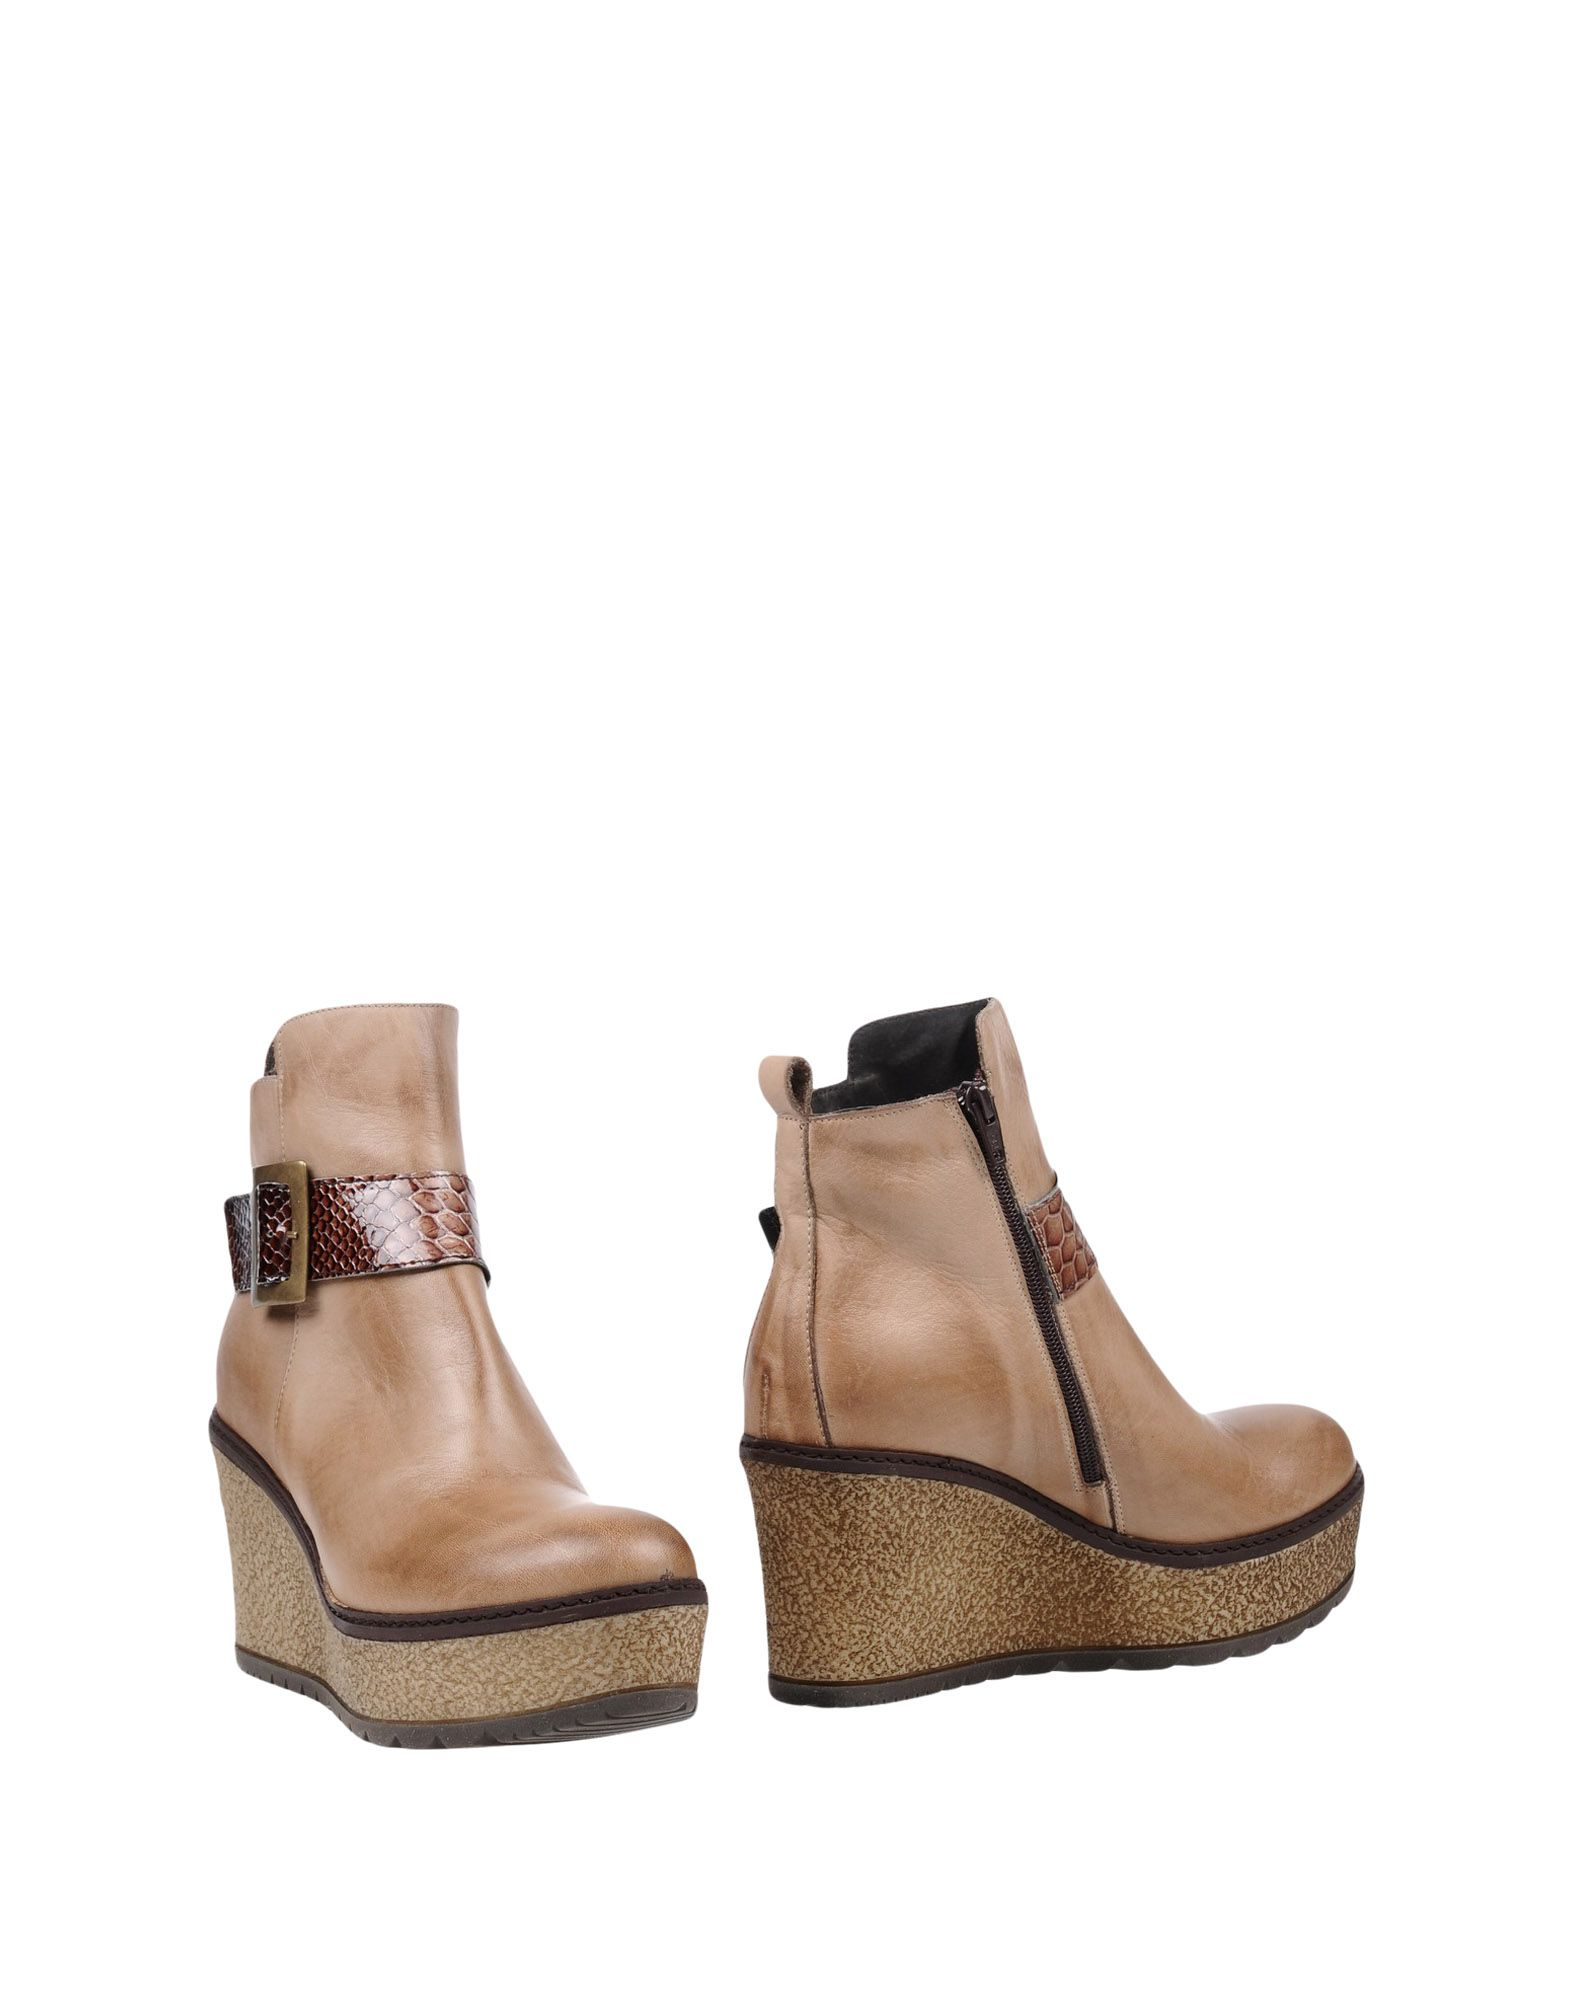 Tsd12 Stiefelette Qualität Damen  11454019PJ Gute Qualität Stiefelette beliebte Schuhe 679bd4